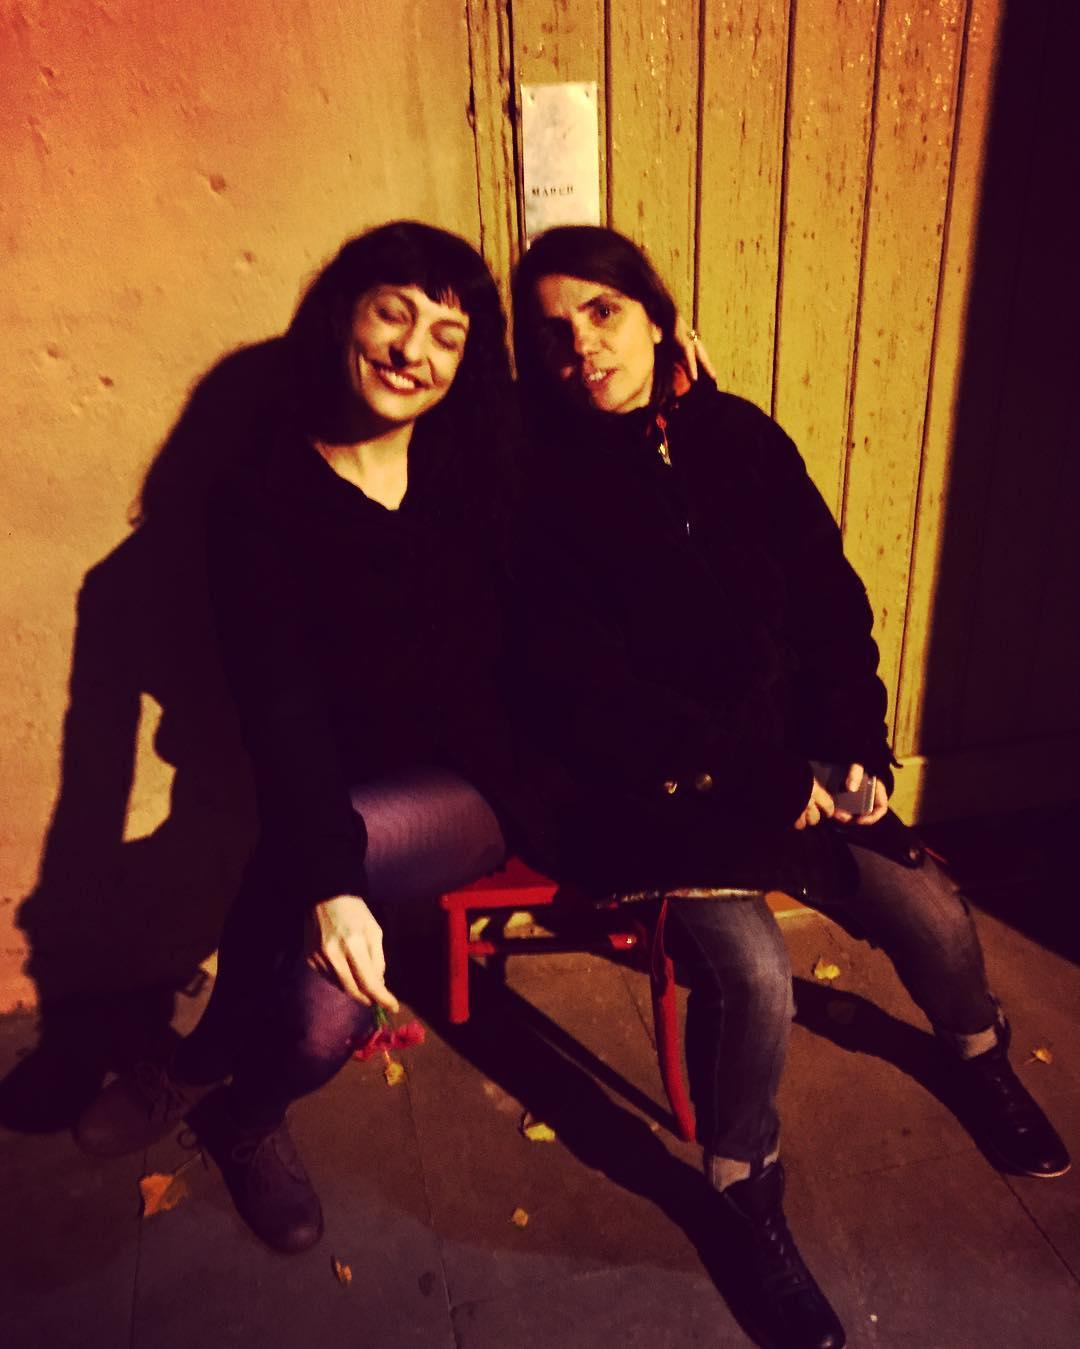 Amb la @martadarderlisson i la cadira de @giolabril pel #carleshacmor @rata_books avui